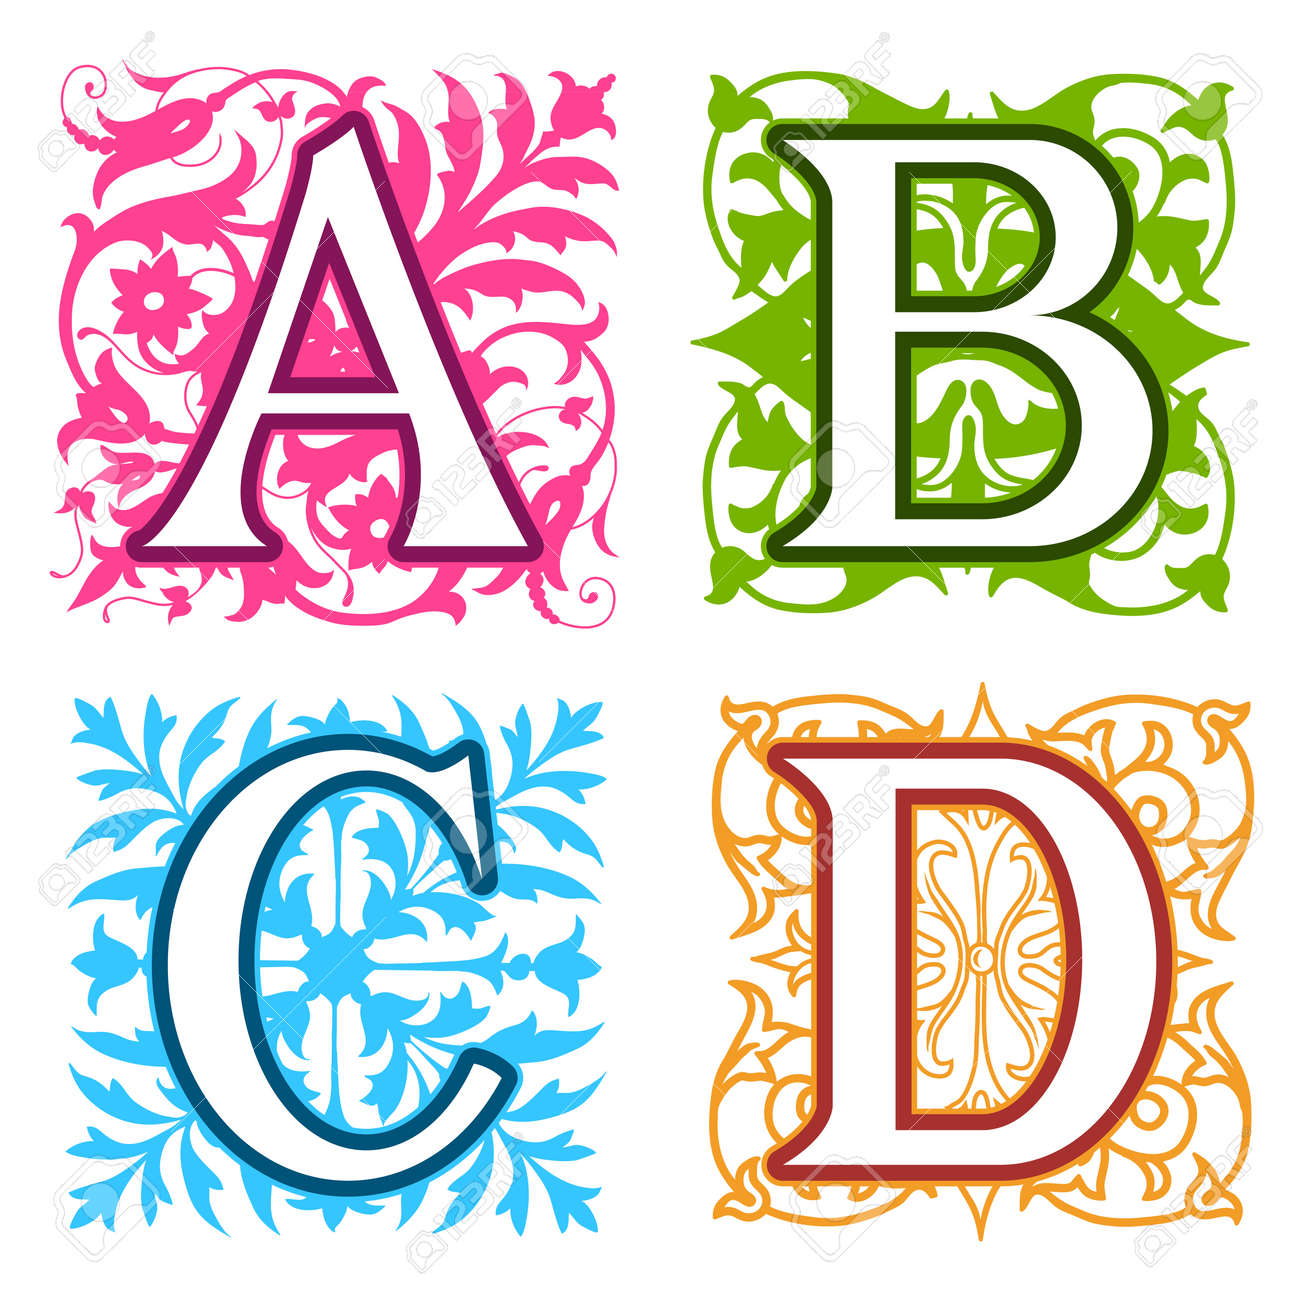 Decorative Letters Decorative A B C D Alphabet Letters With Vintage Floral